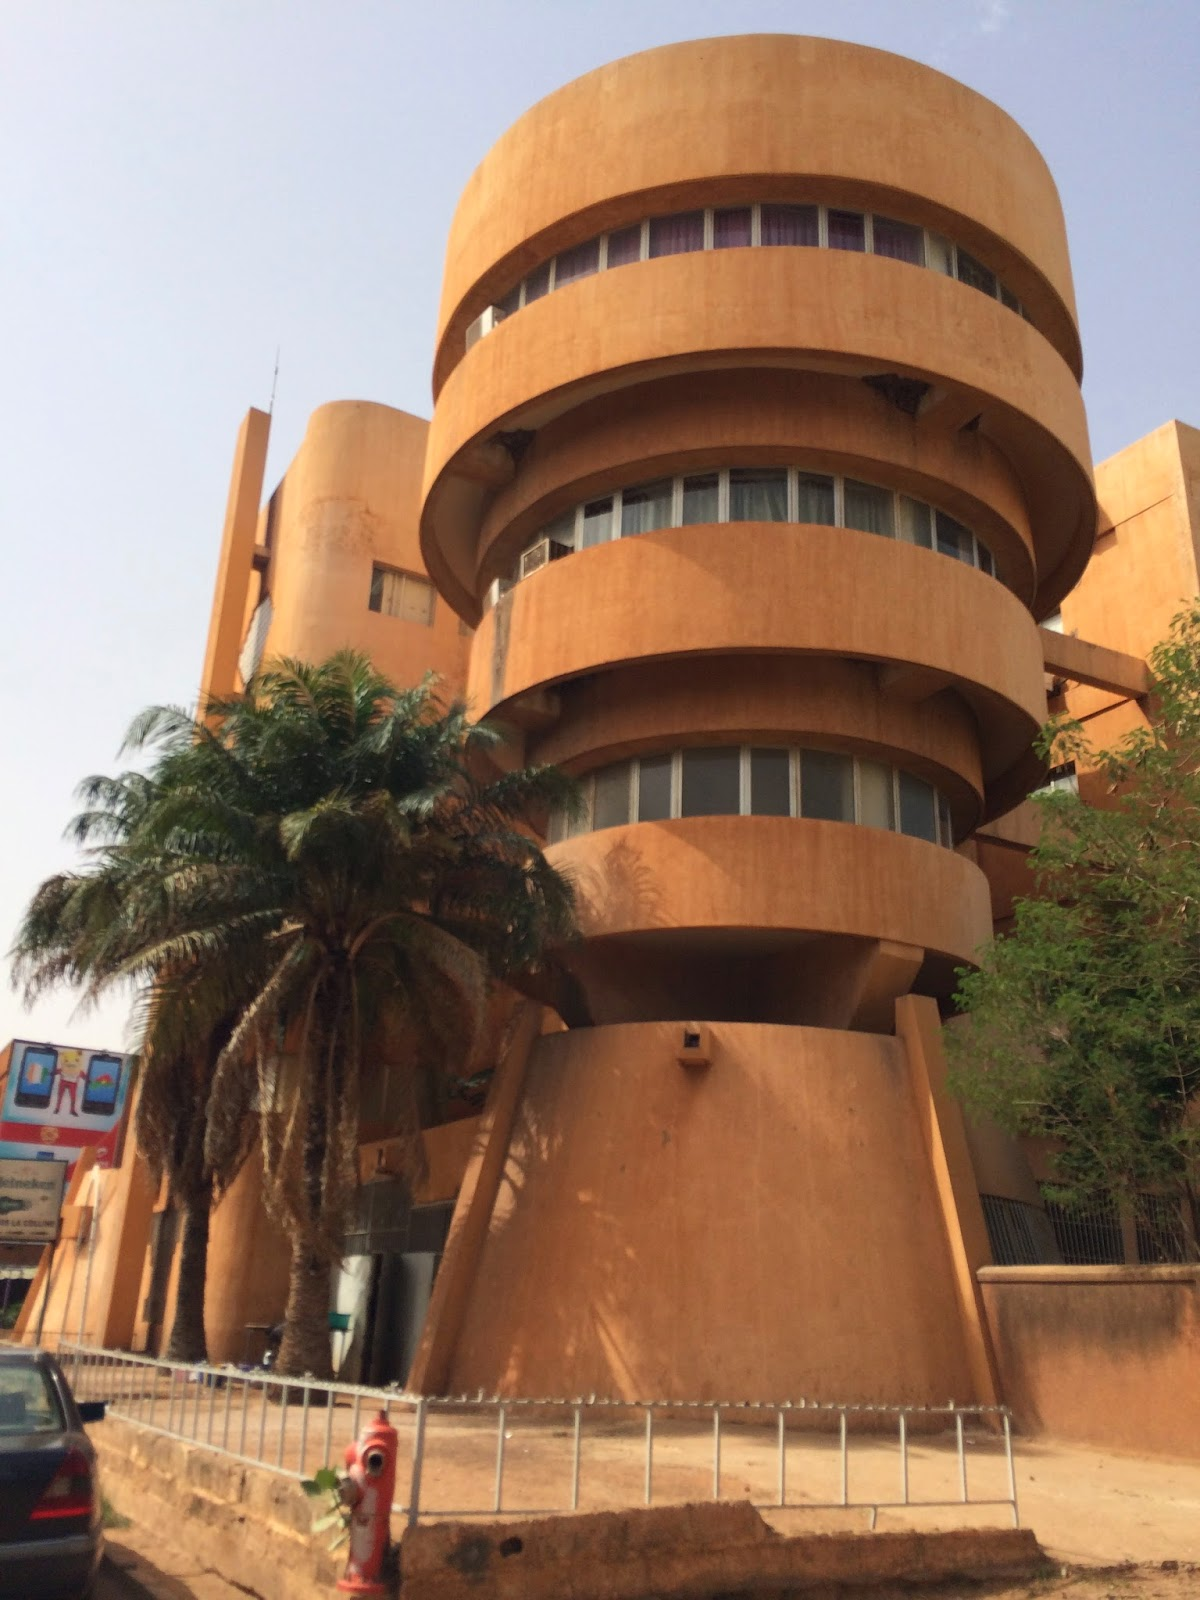 Bauzeitgeist: The Architecture of Ouagadougou